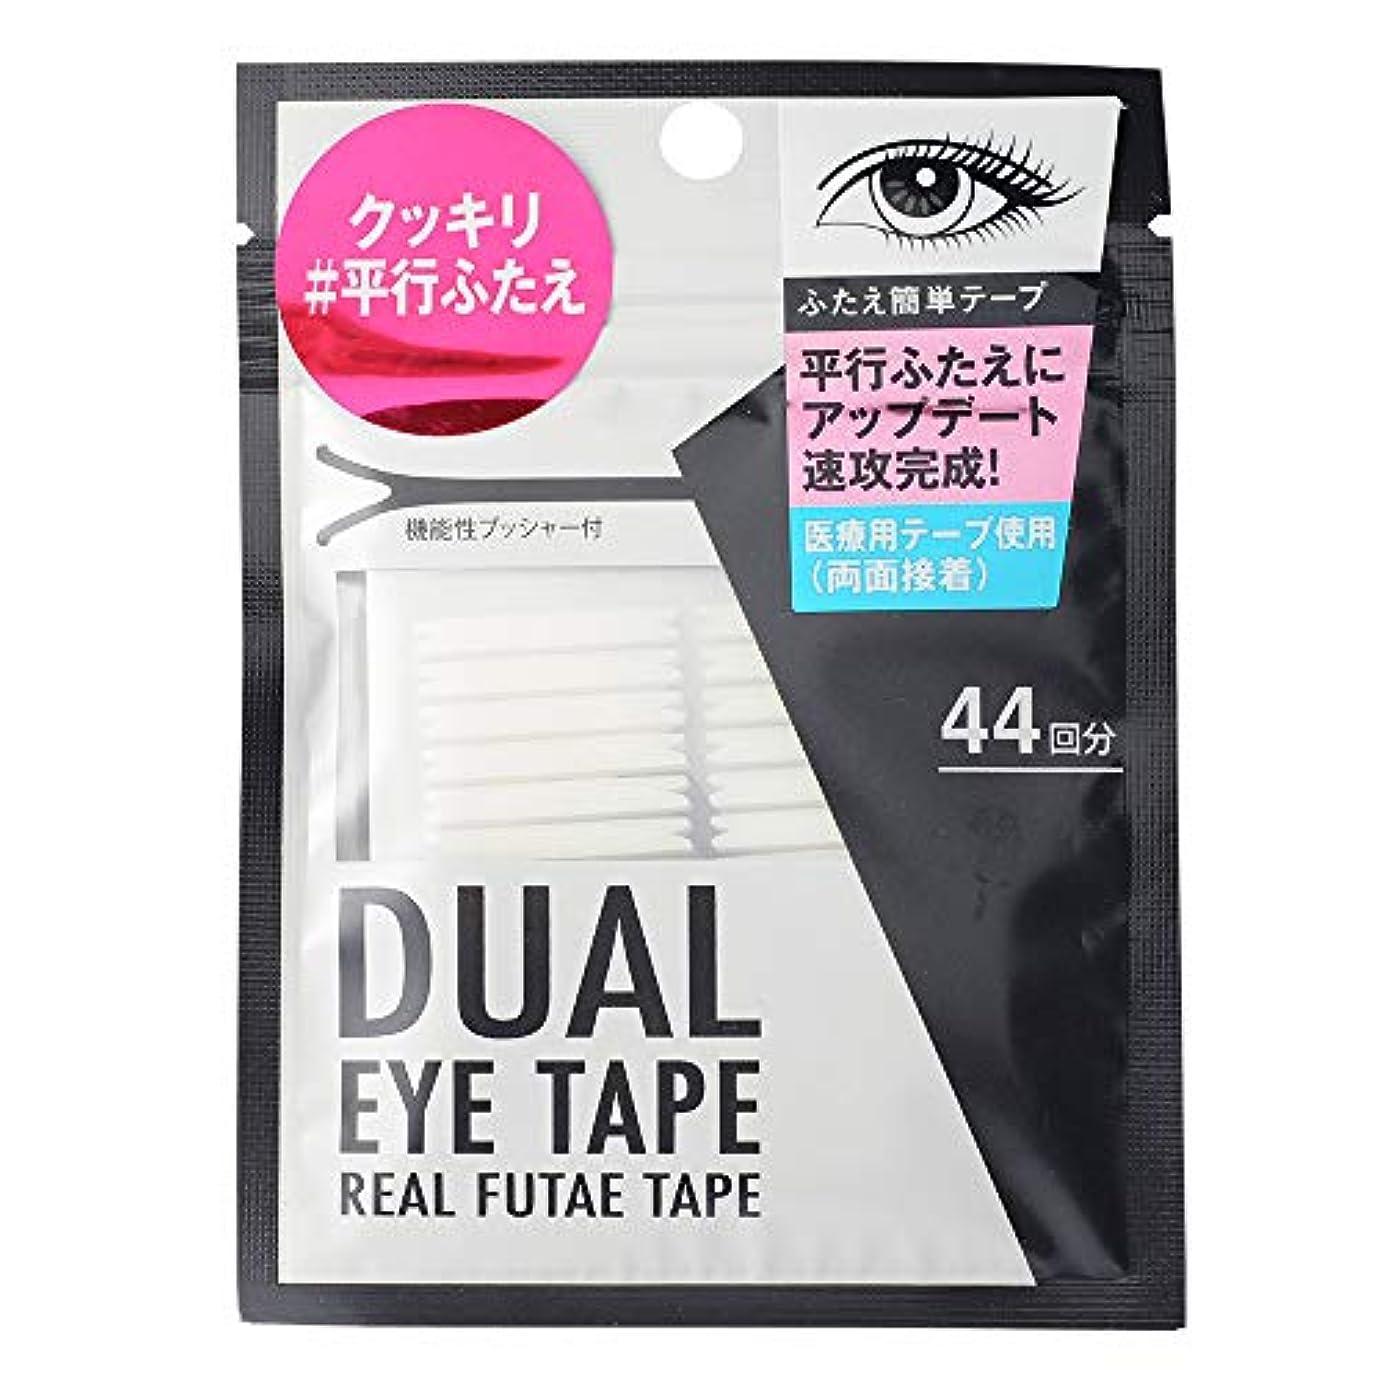 愚かモートマイルストーンデュアルアイテープ (平行ふたえ両面接着テープ) (44回分)